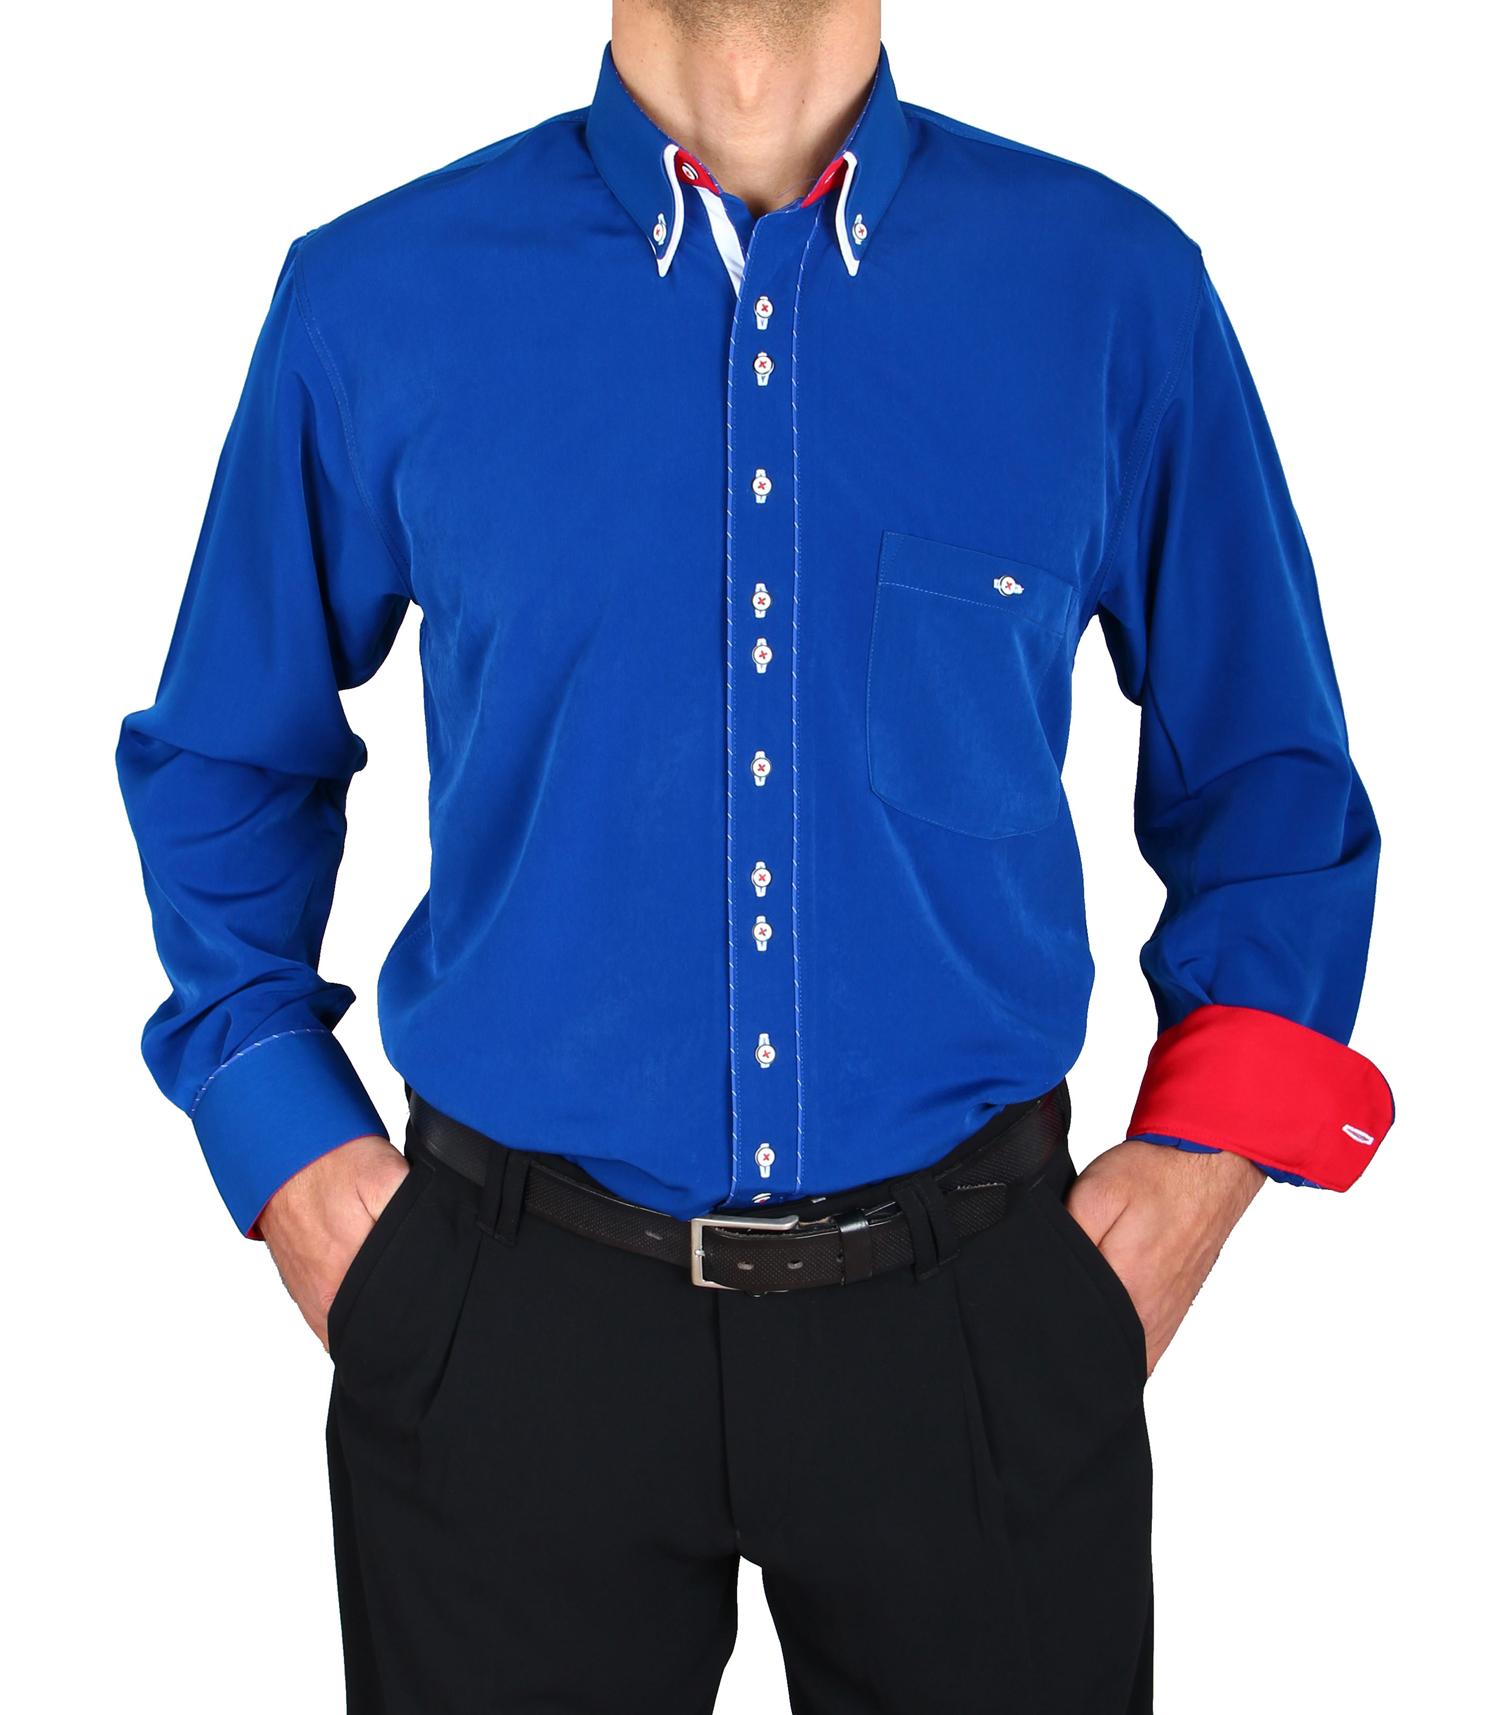 e82886f7e568 H.K. Mandel Kreative Mode für Männer - Besonderes Hemd Royalblau ...